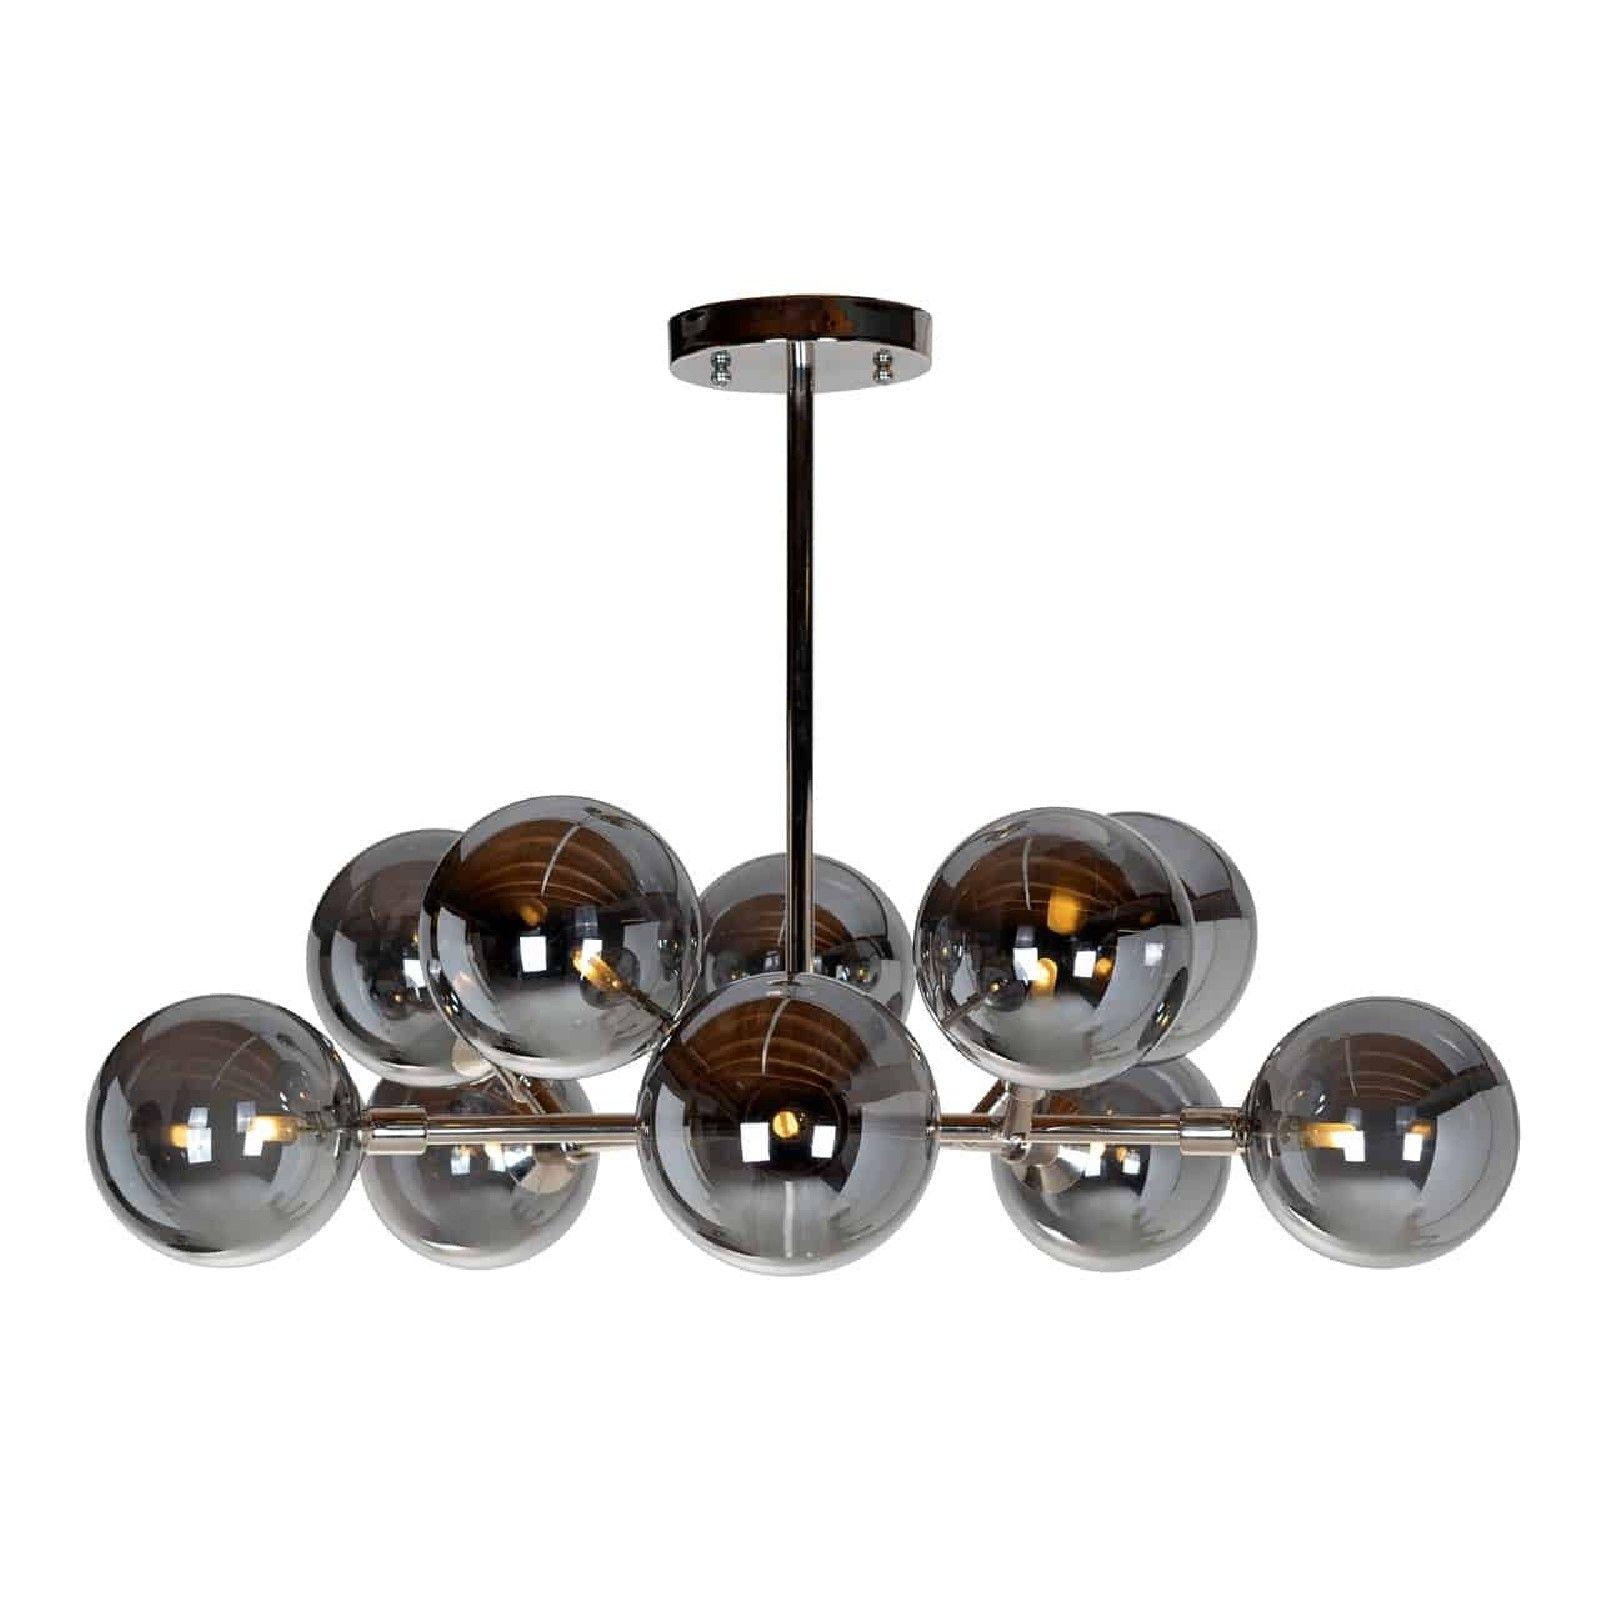 Lampe suspendue Riley (G9 raccord)G9 (max 1,9 largeur / 10 pieces) Suspensions et plafonniers - 15